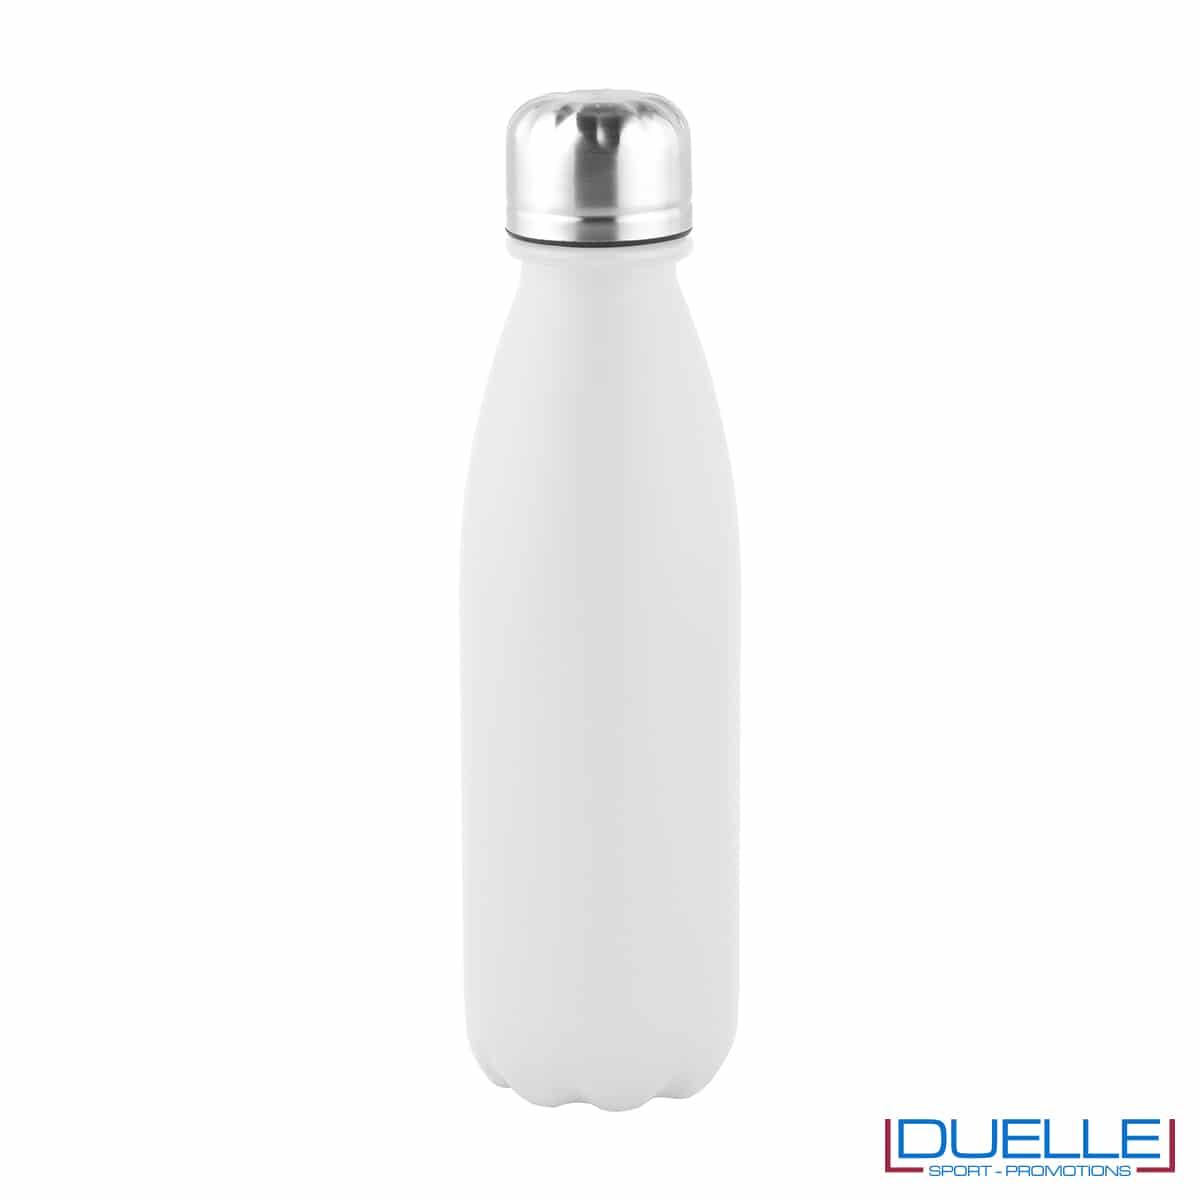 Bottiglia in alluminio 500ml finitura opaca colore bianco personalizzabile